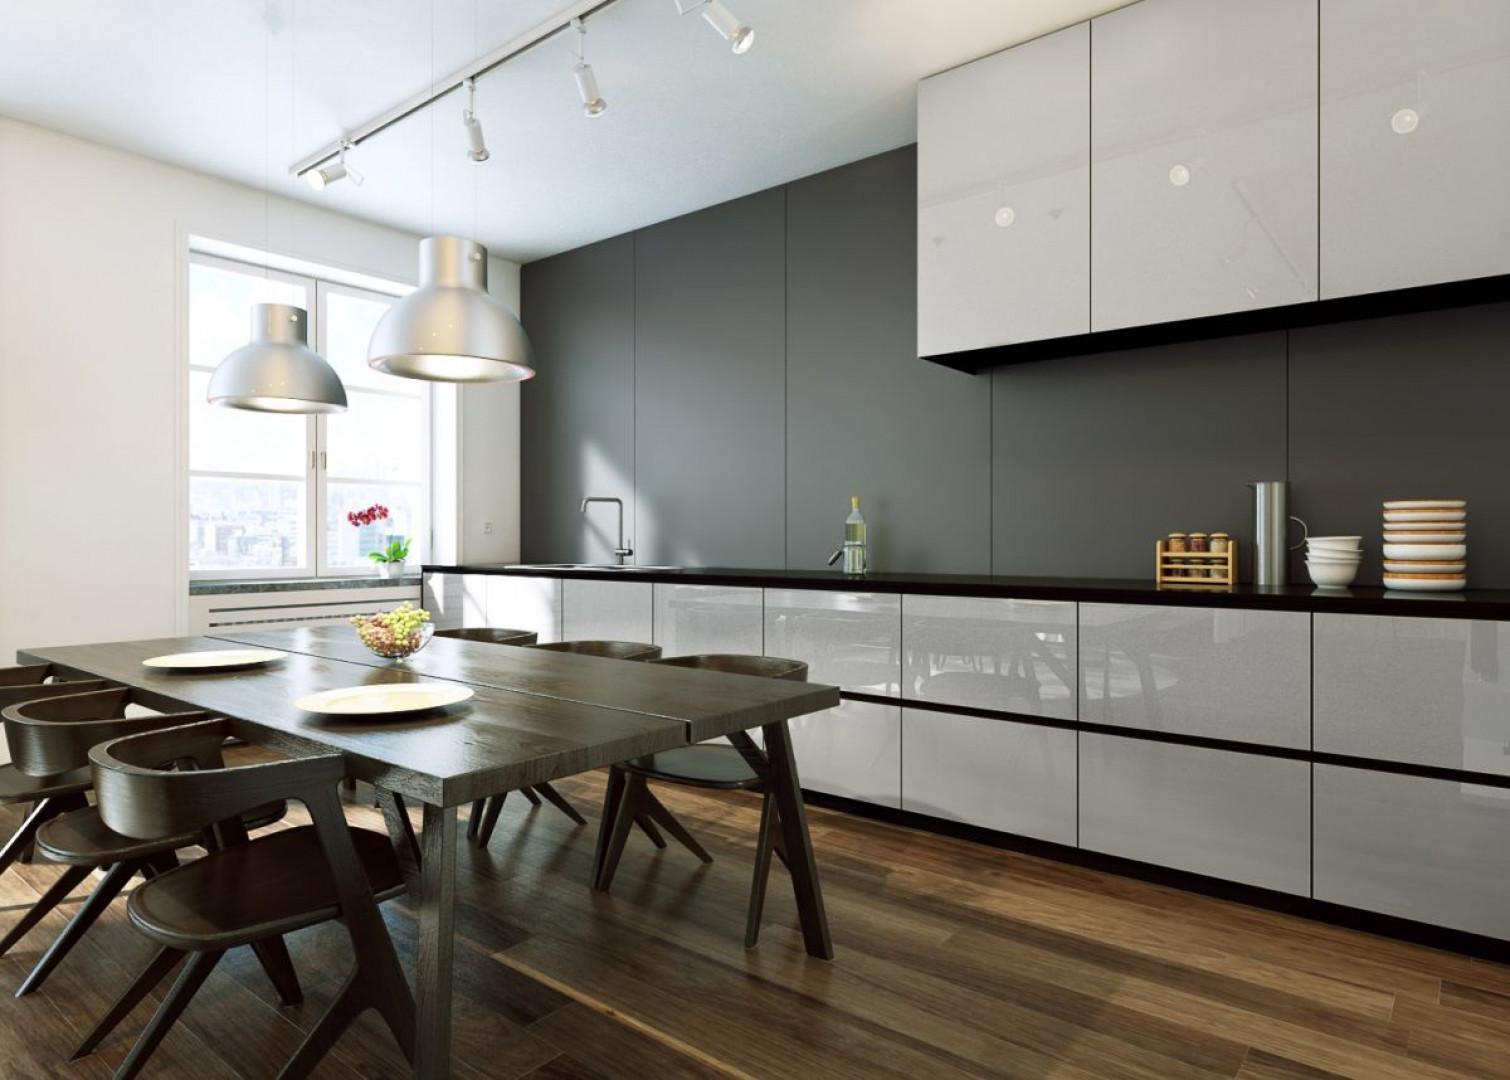 Fronty kuchenne wykonane ze szkła Colorimo Sati firmy Mochnik. Fot. Mochnik